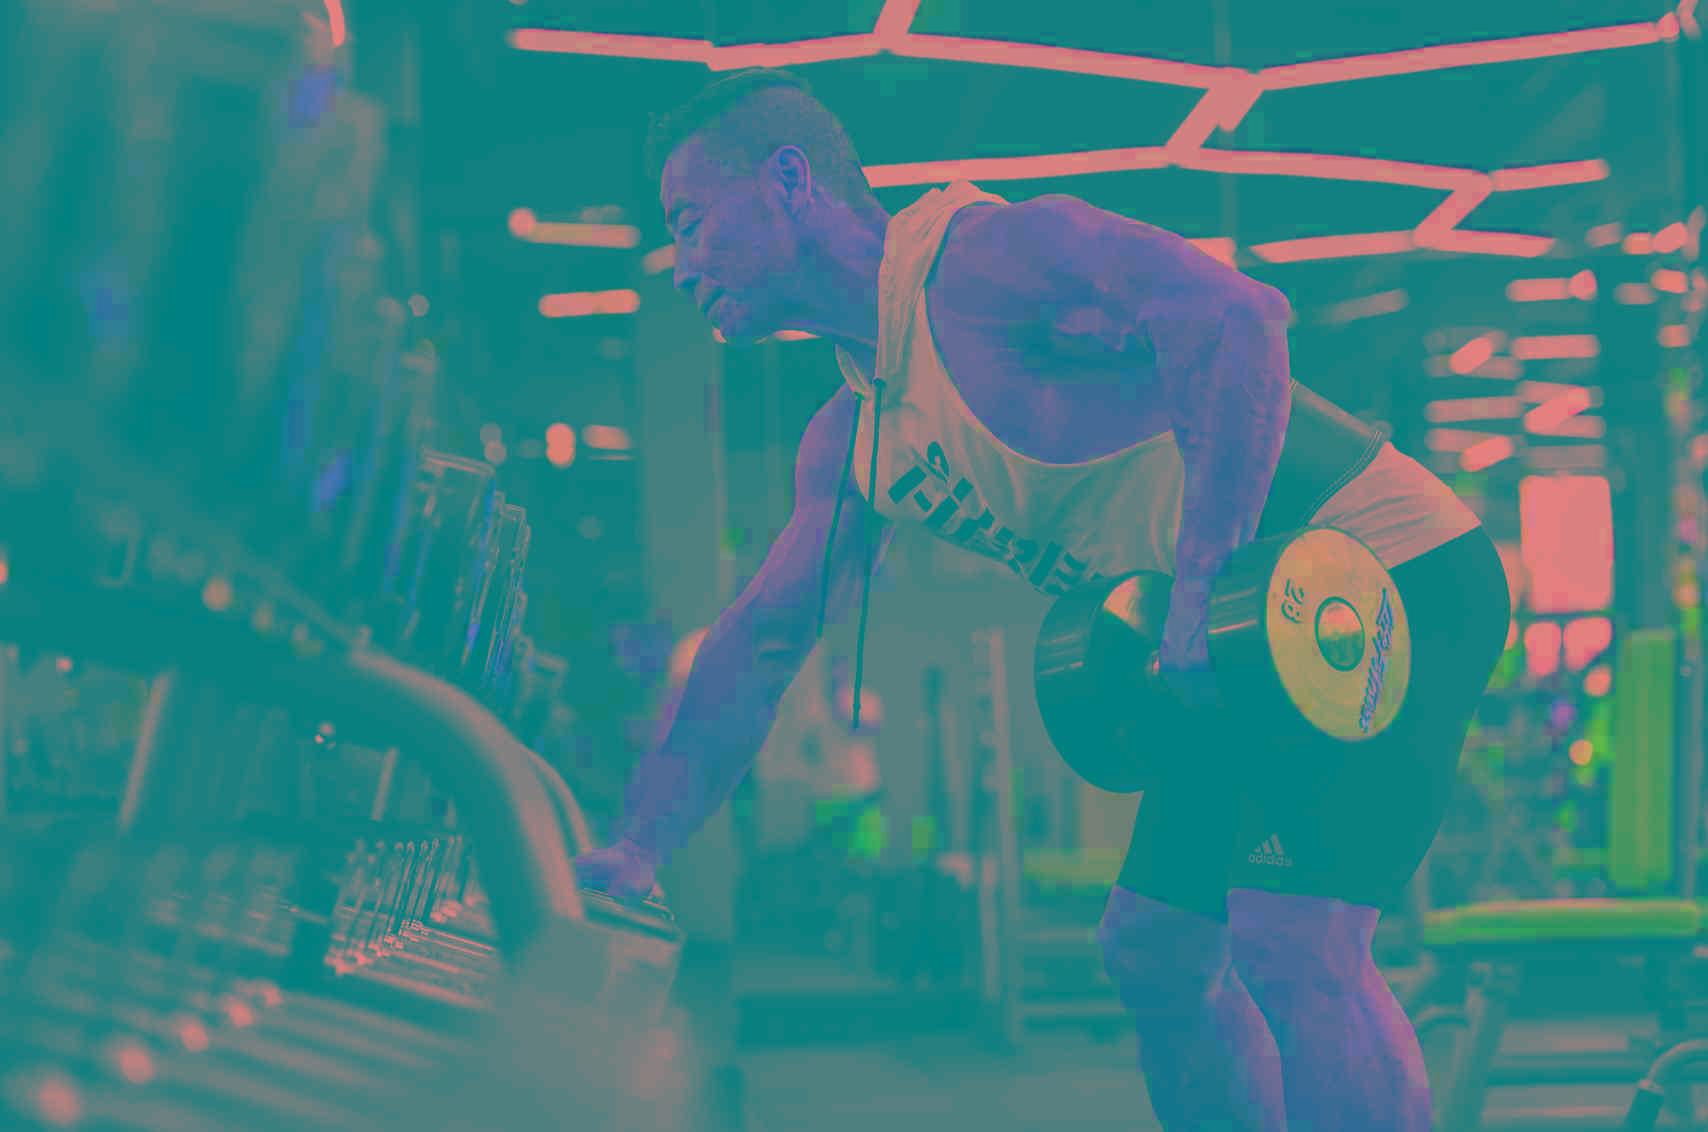 健身房消费体验不佳众多玩家入局家用健身市场